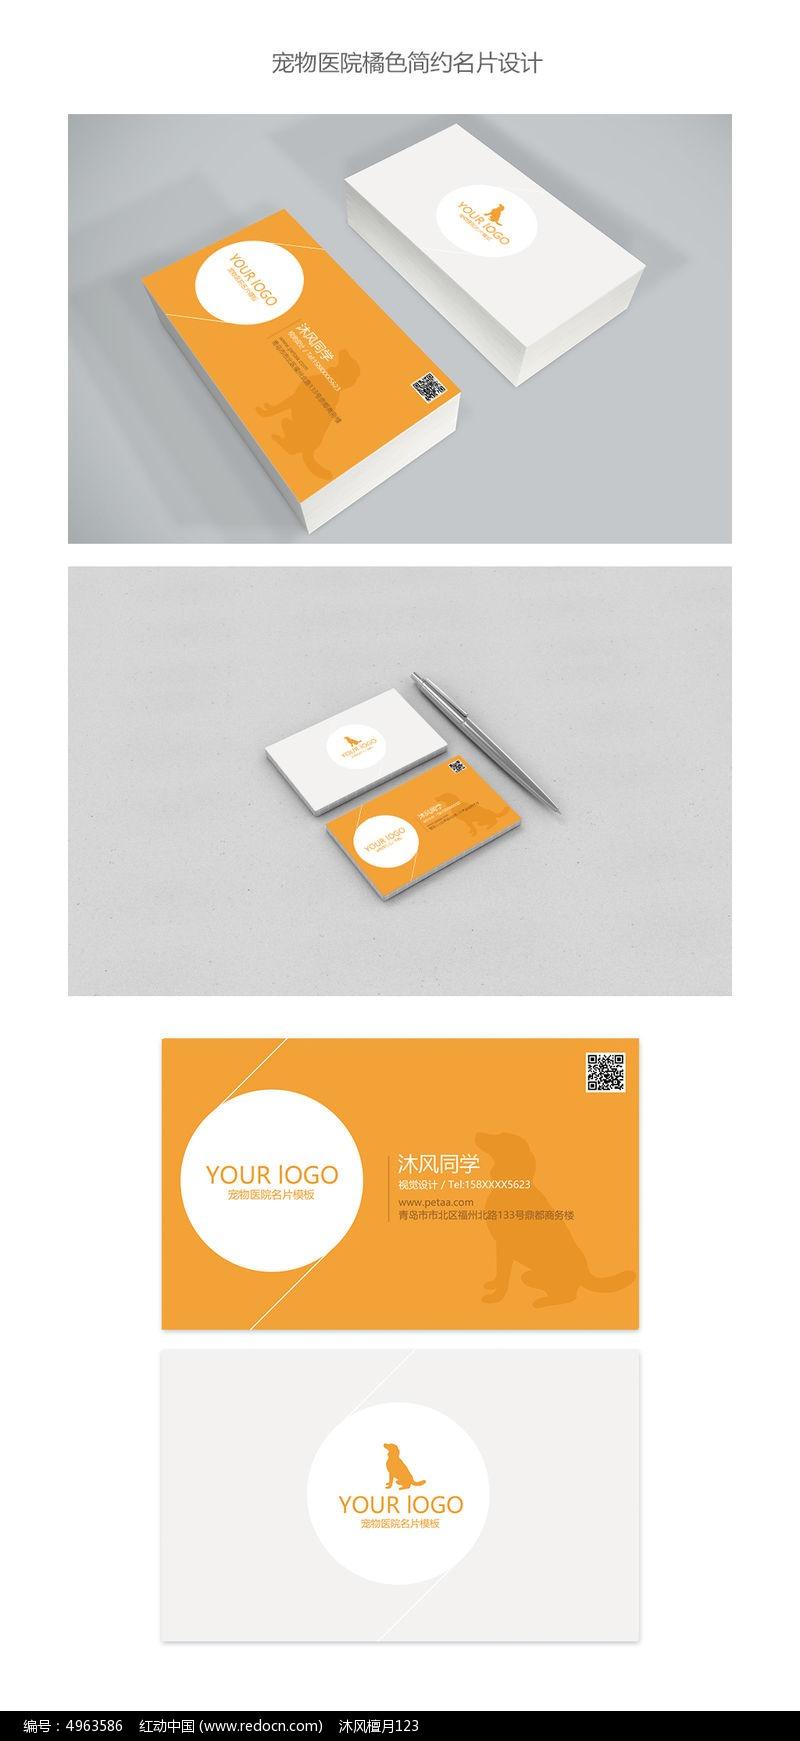 橘色宠物医院名片模板psd素材下载_企业名片设计模板